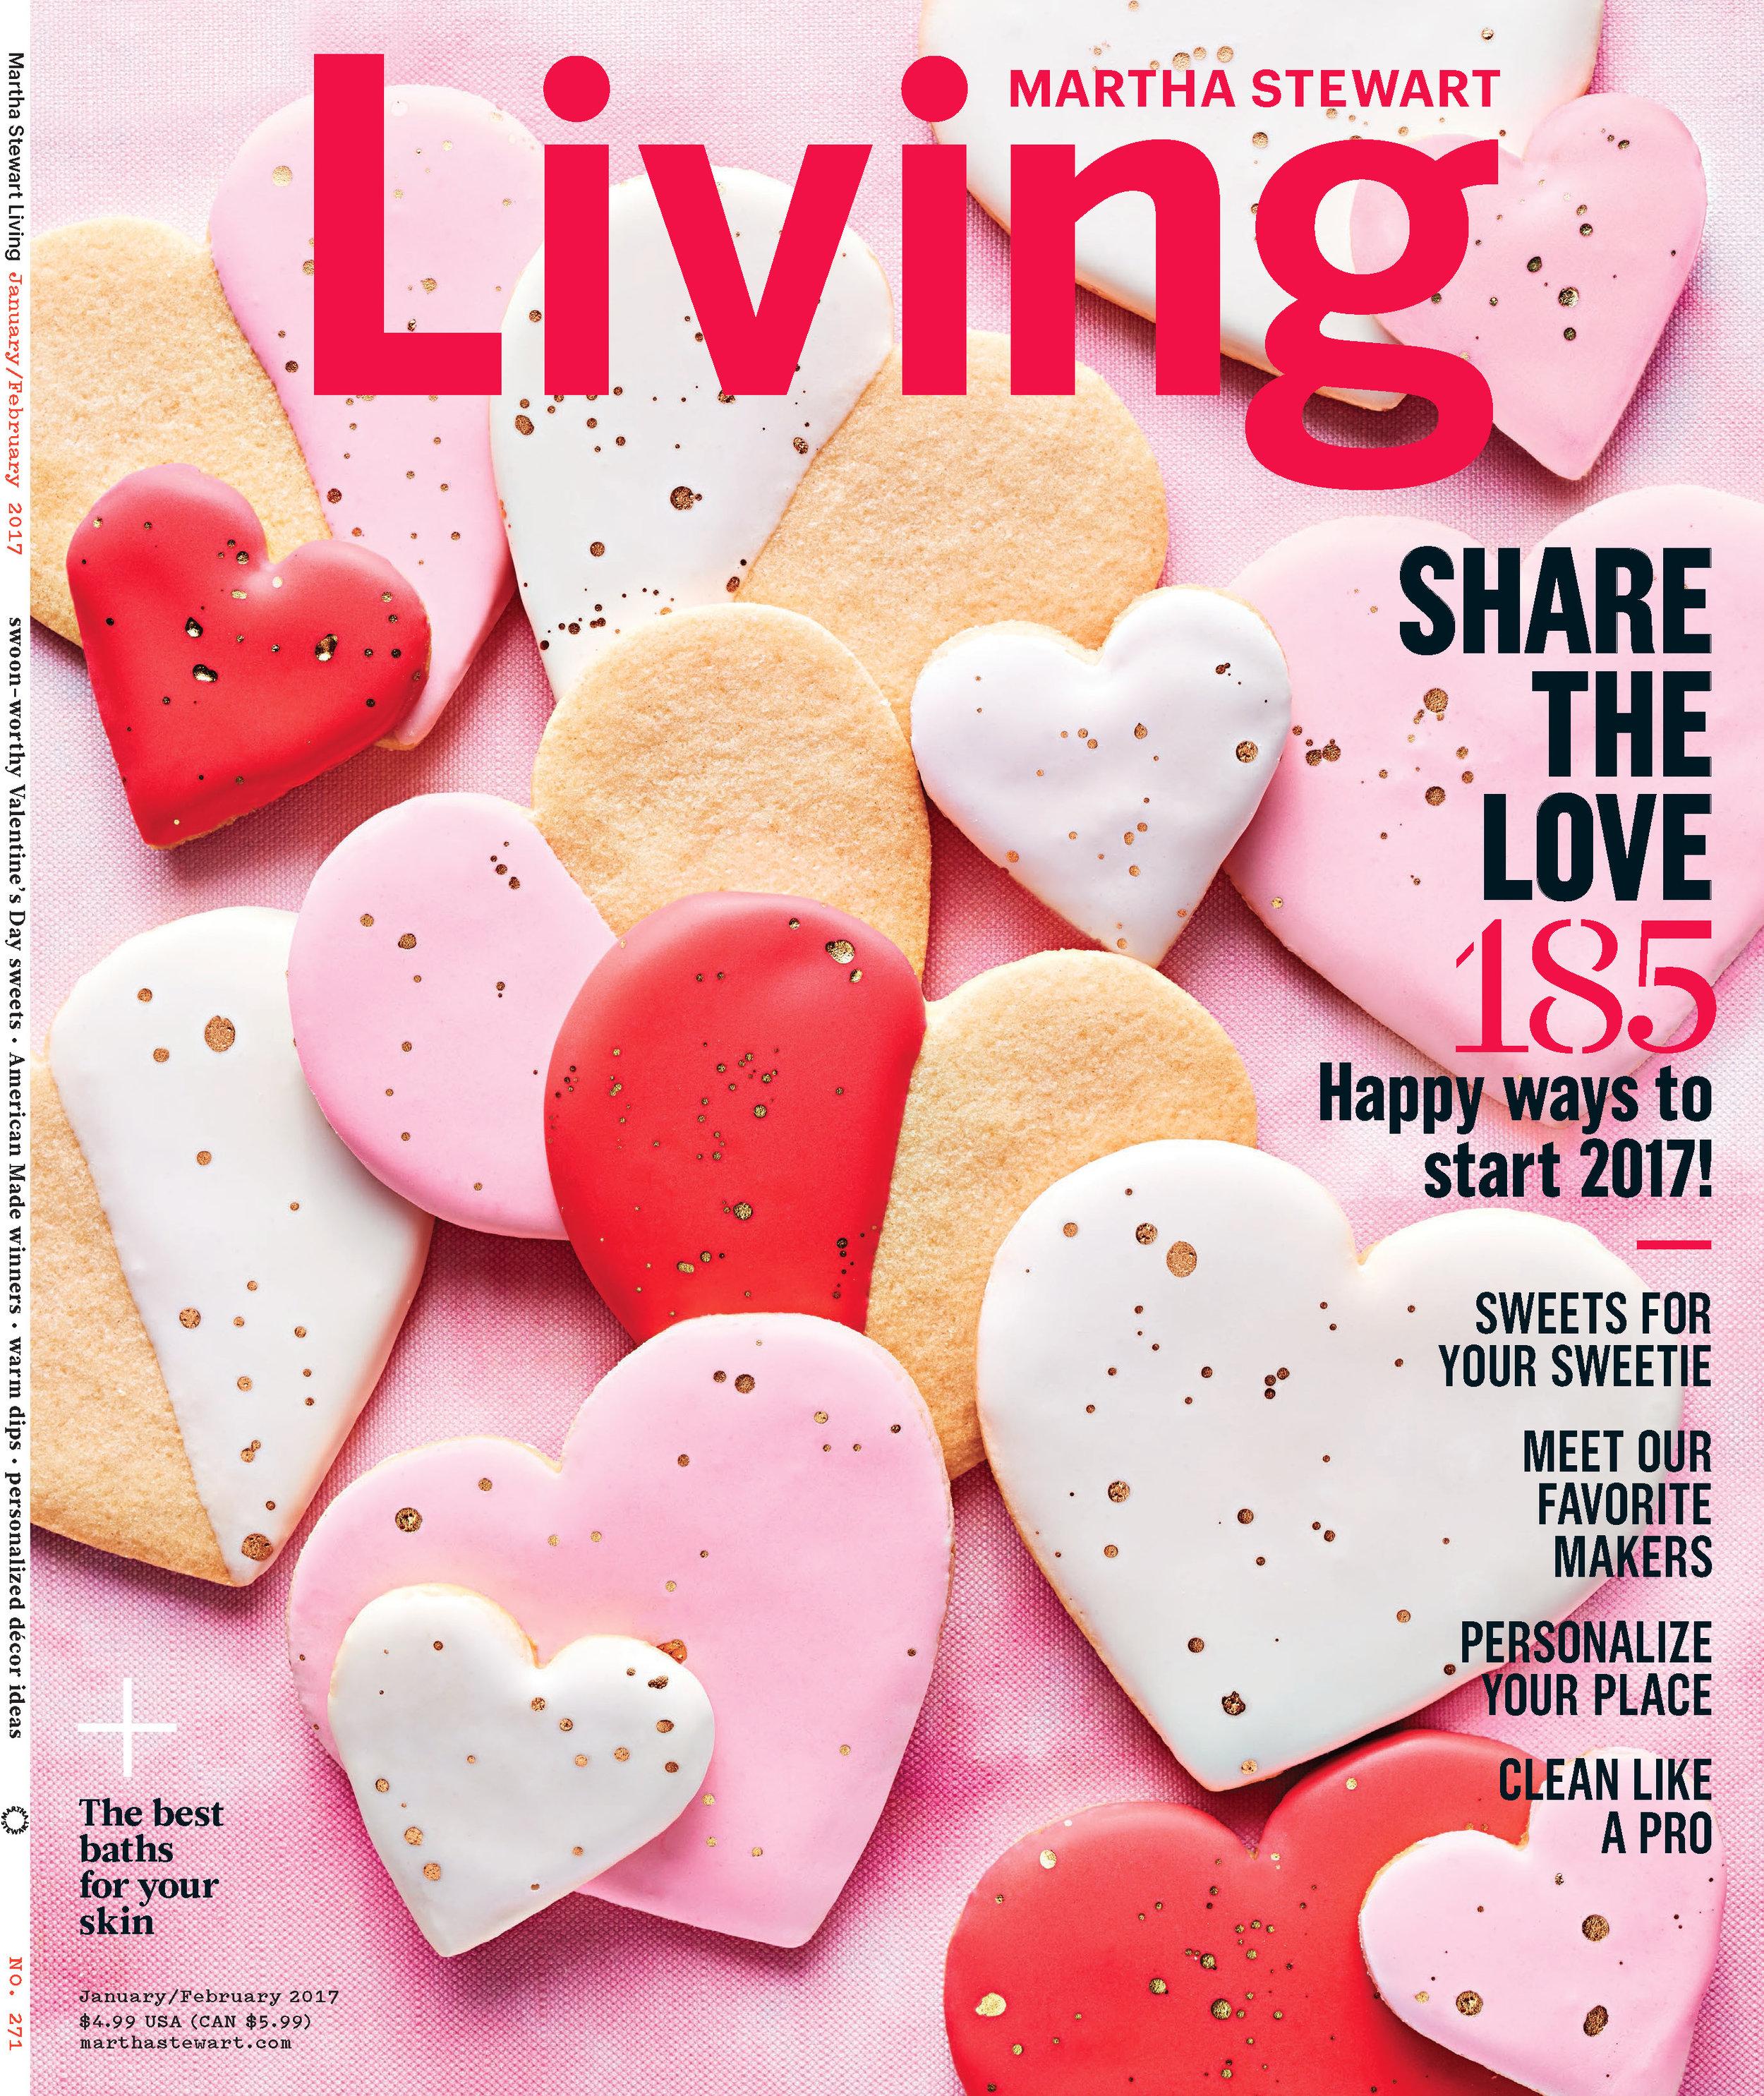 Valentines Day Cookies, Martha Stewart Living